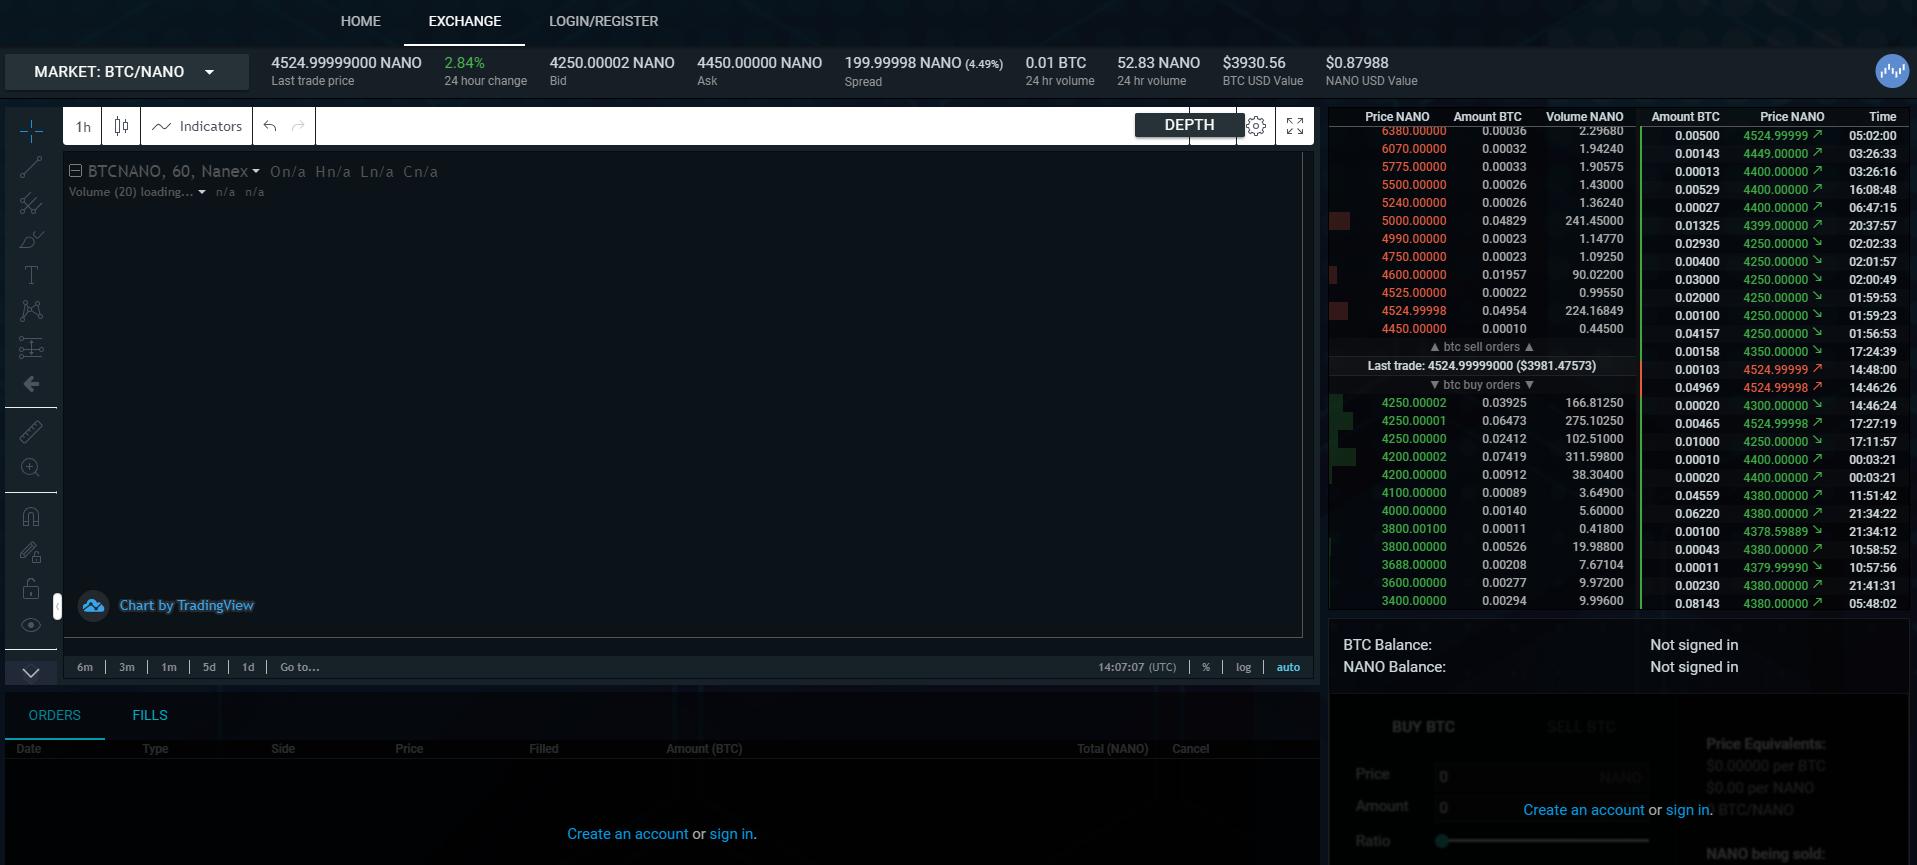 Nanex Trading View